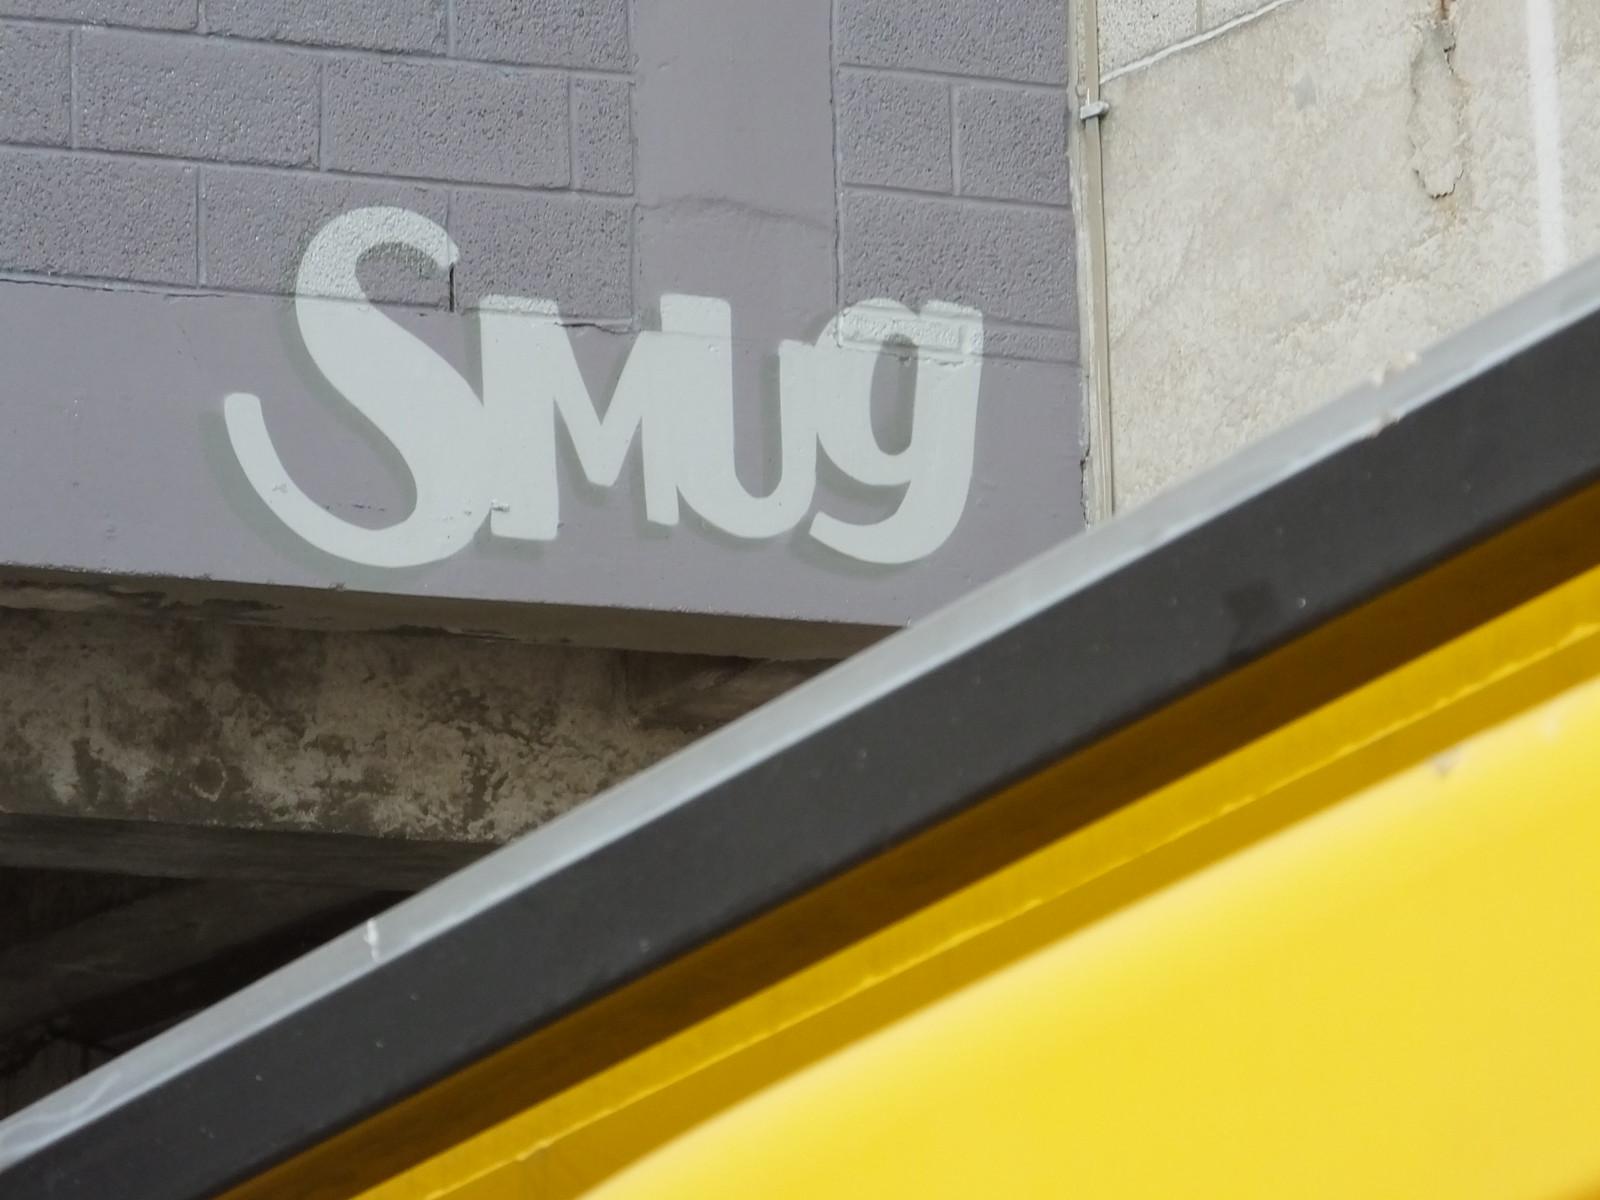 Nuart Aberdeen 2019: Smug One